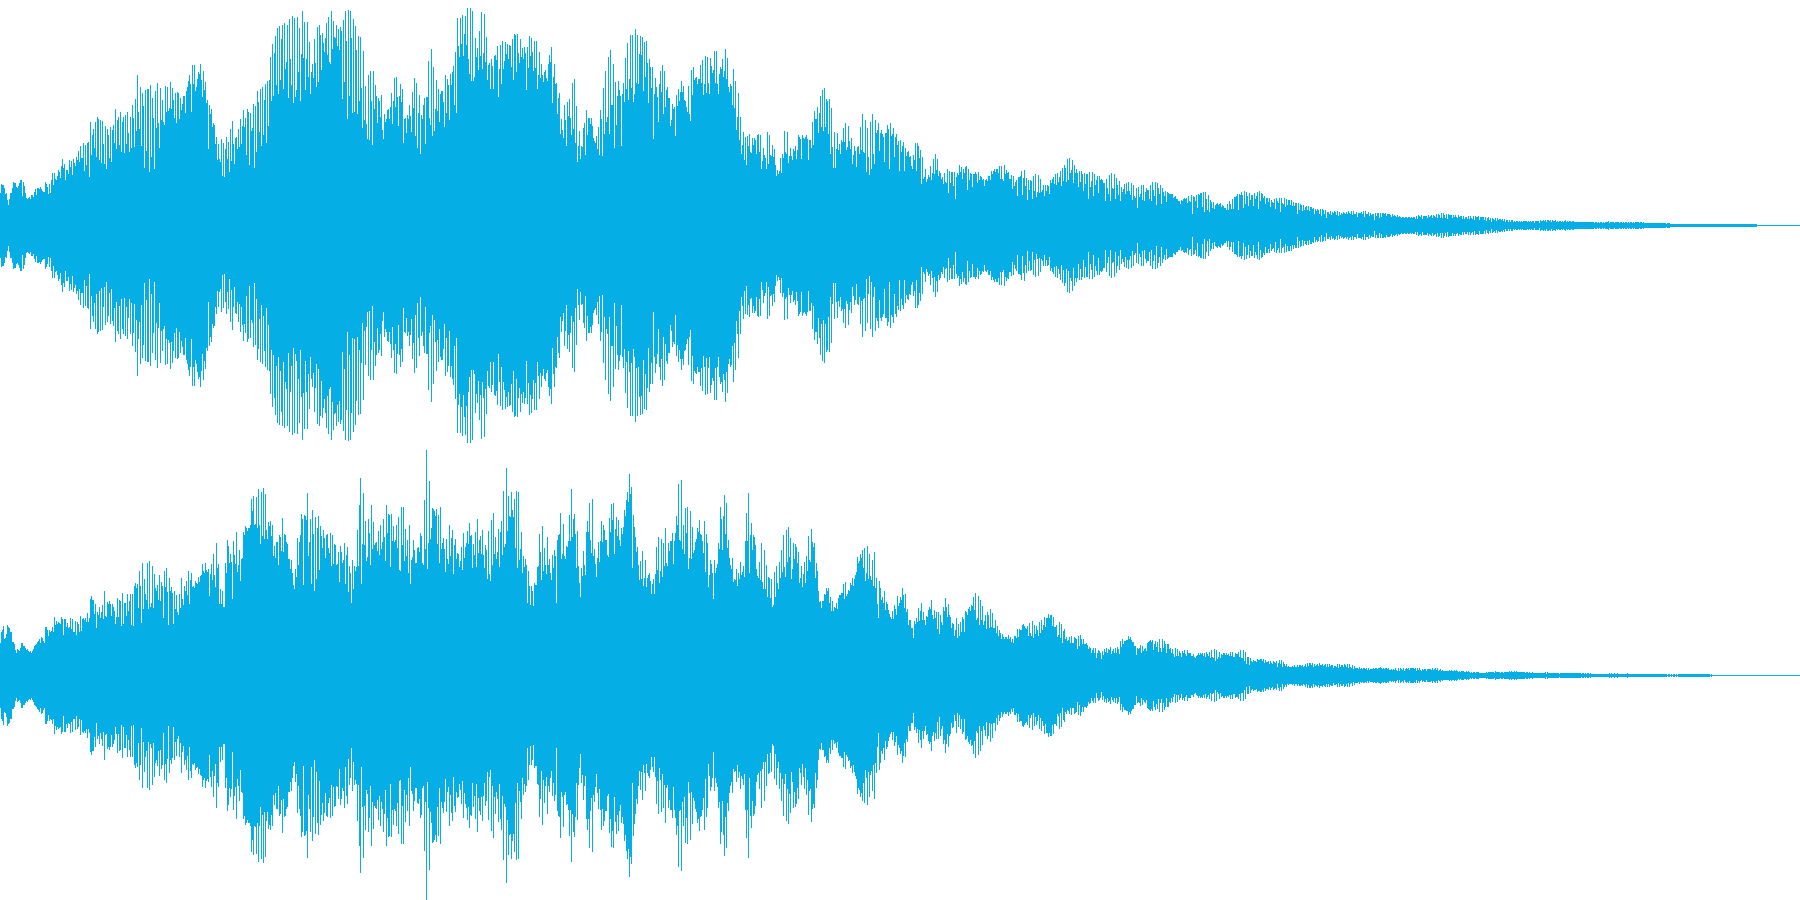 始まりの再生済みの波形